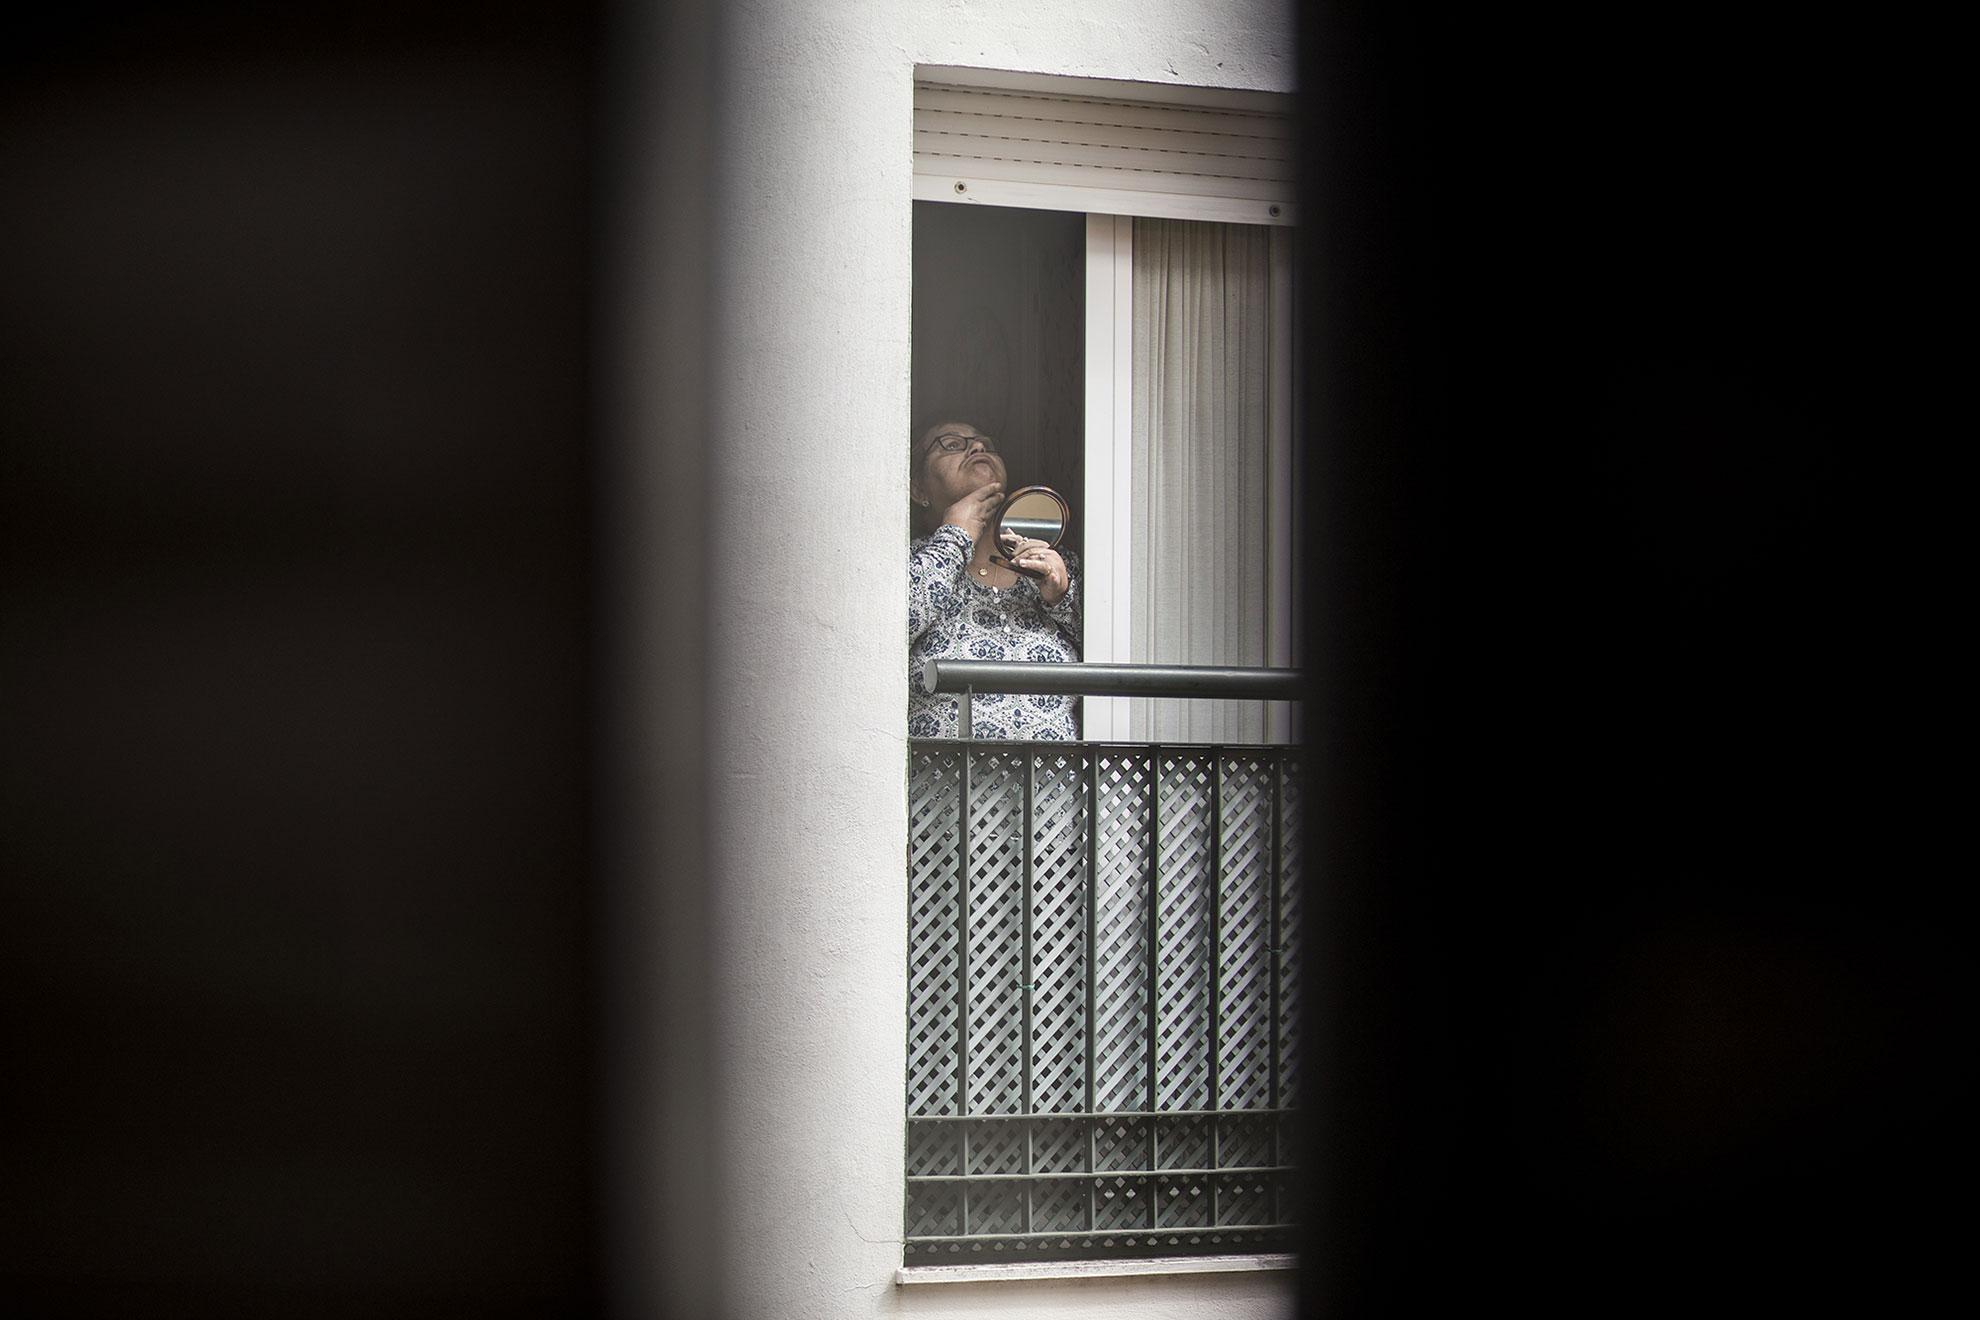 Una mujer usa un espejo en la ventana de su piso en Jerez de la Frontera, España, el 14 de Marzo, 2020. El gobierno español decretó el estado de alarma con confinamiento domiciliario el día anterior, 13 de marzo, para evitar la propagación del COVID19.